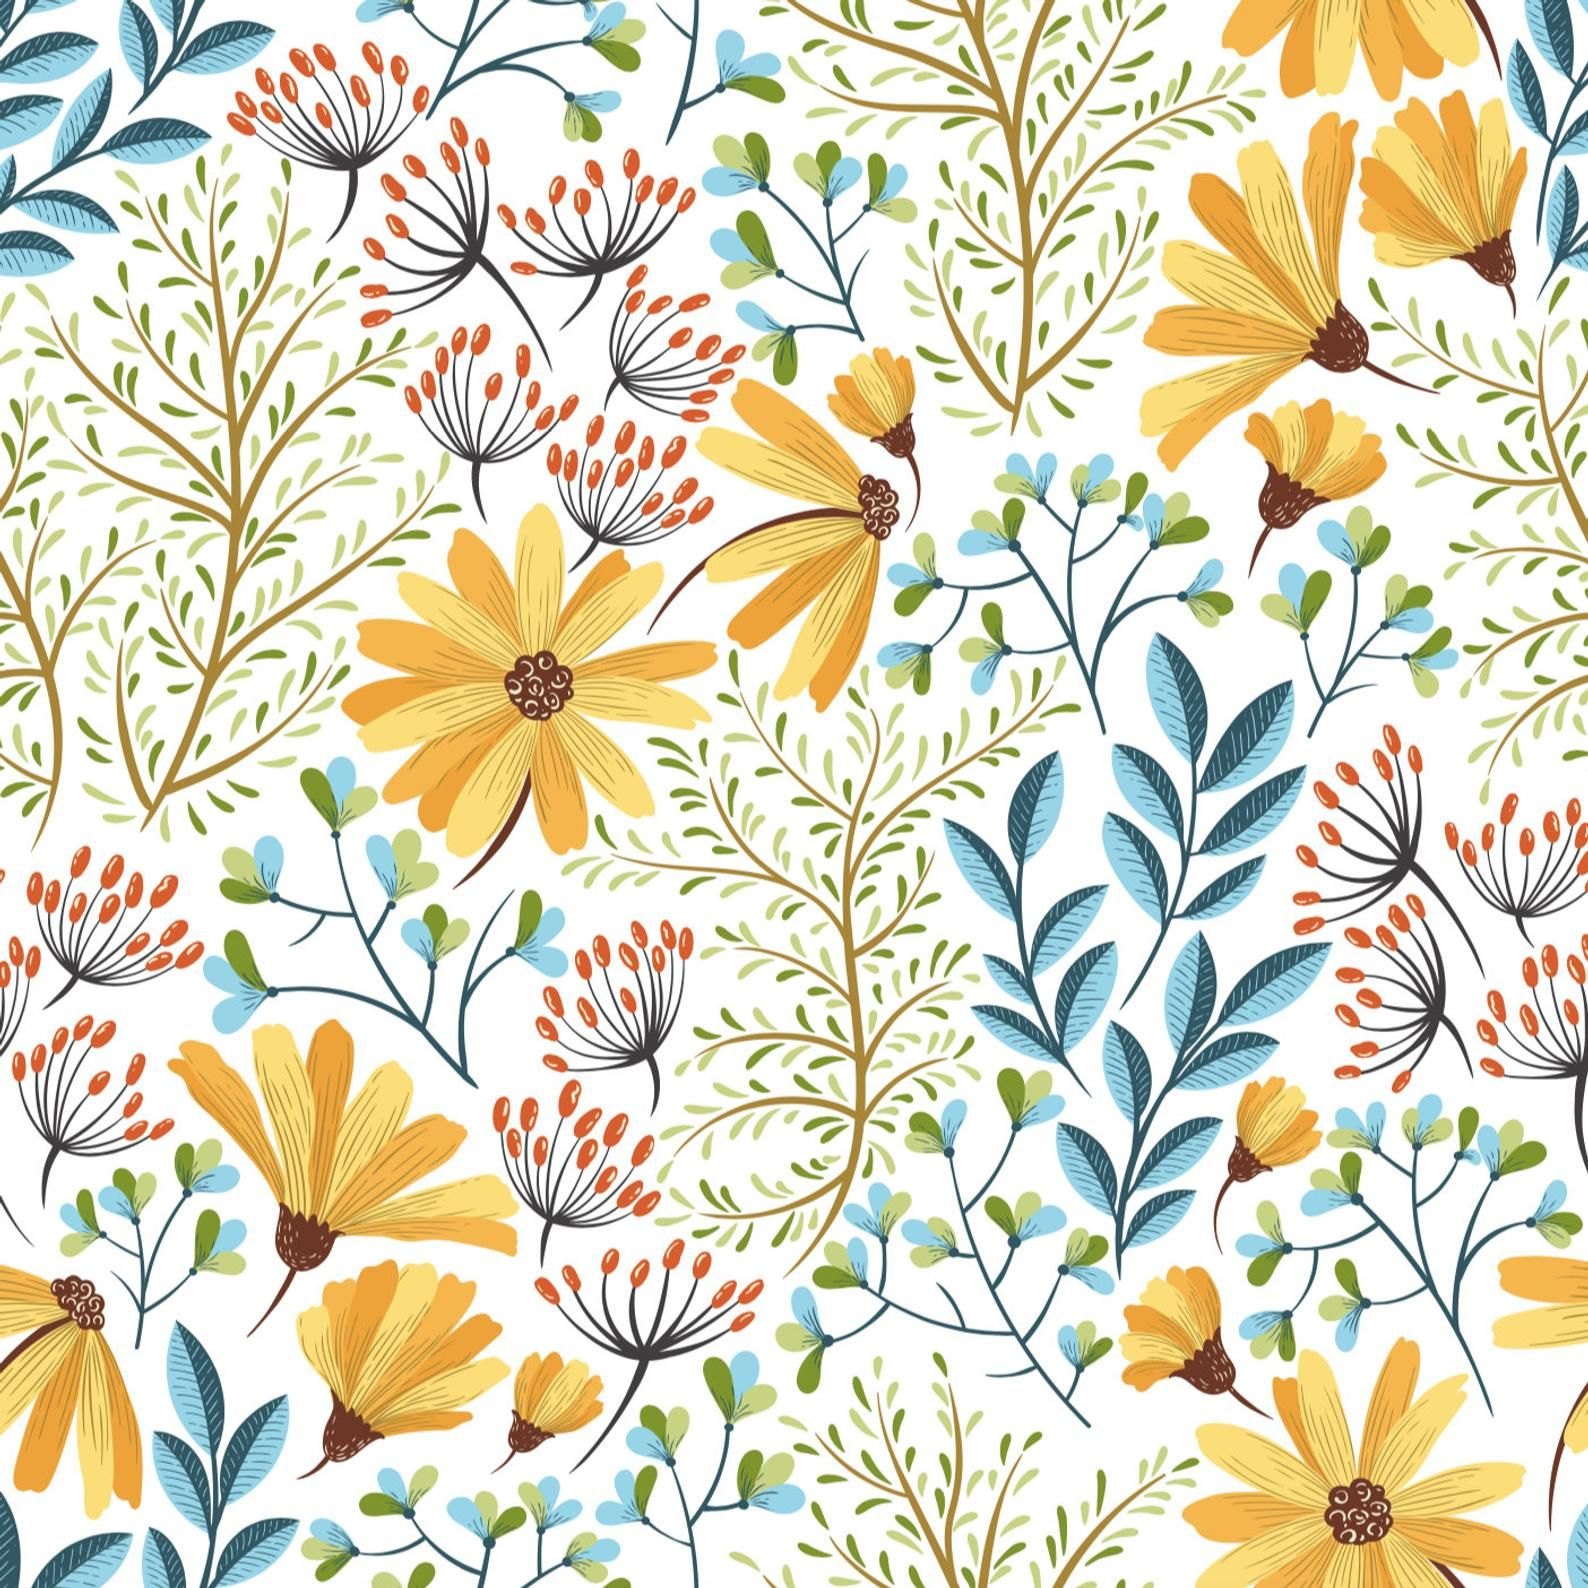 Colorful Flowers Wallpaper Self Adhesive Wallpaper Wall Etsy Floral Wallpaper Flower Wallpaper Wall Wallpaper